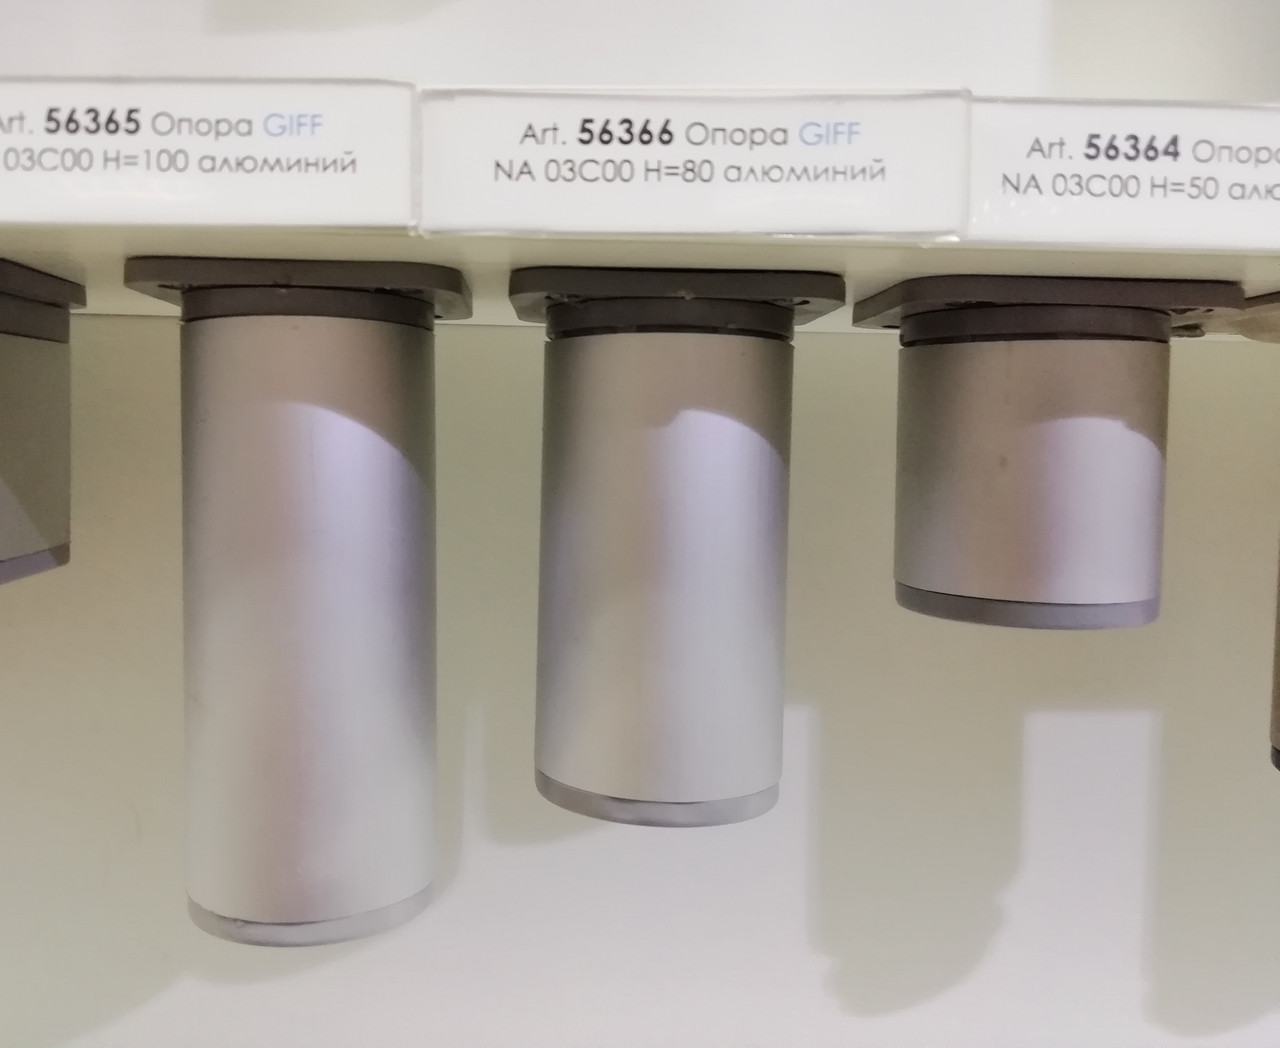 Опора (ножка) цилиндрическая регулируемая GIFF NA 03C00 Н = 50, 80, 100, 120, 150 алюминий